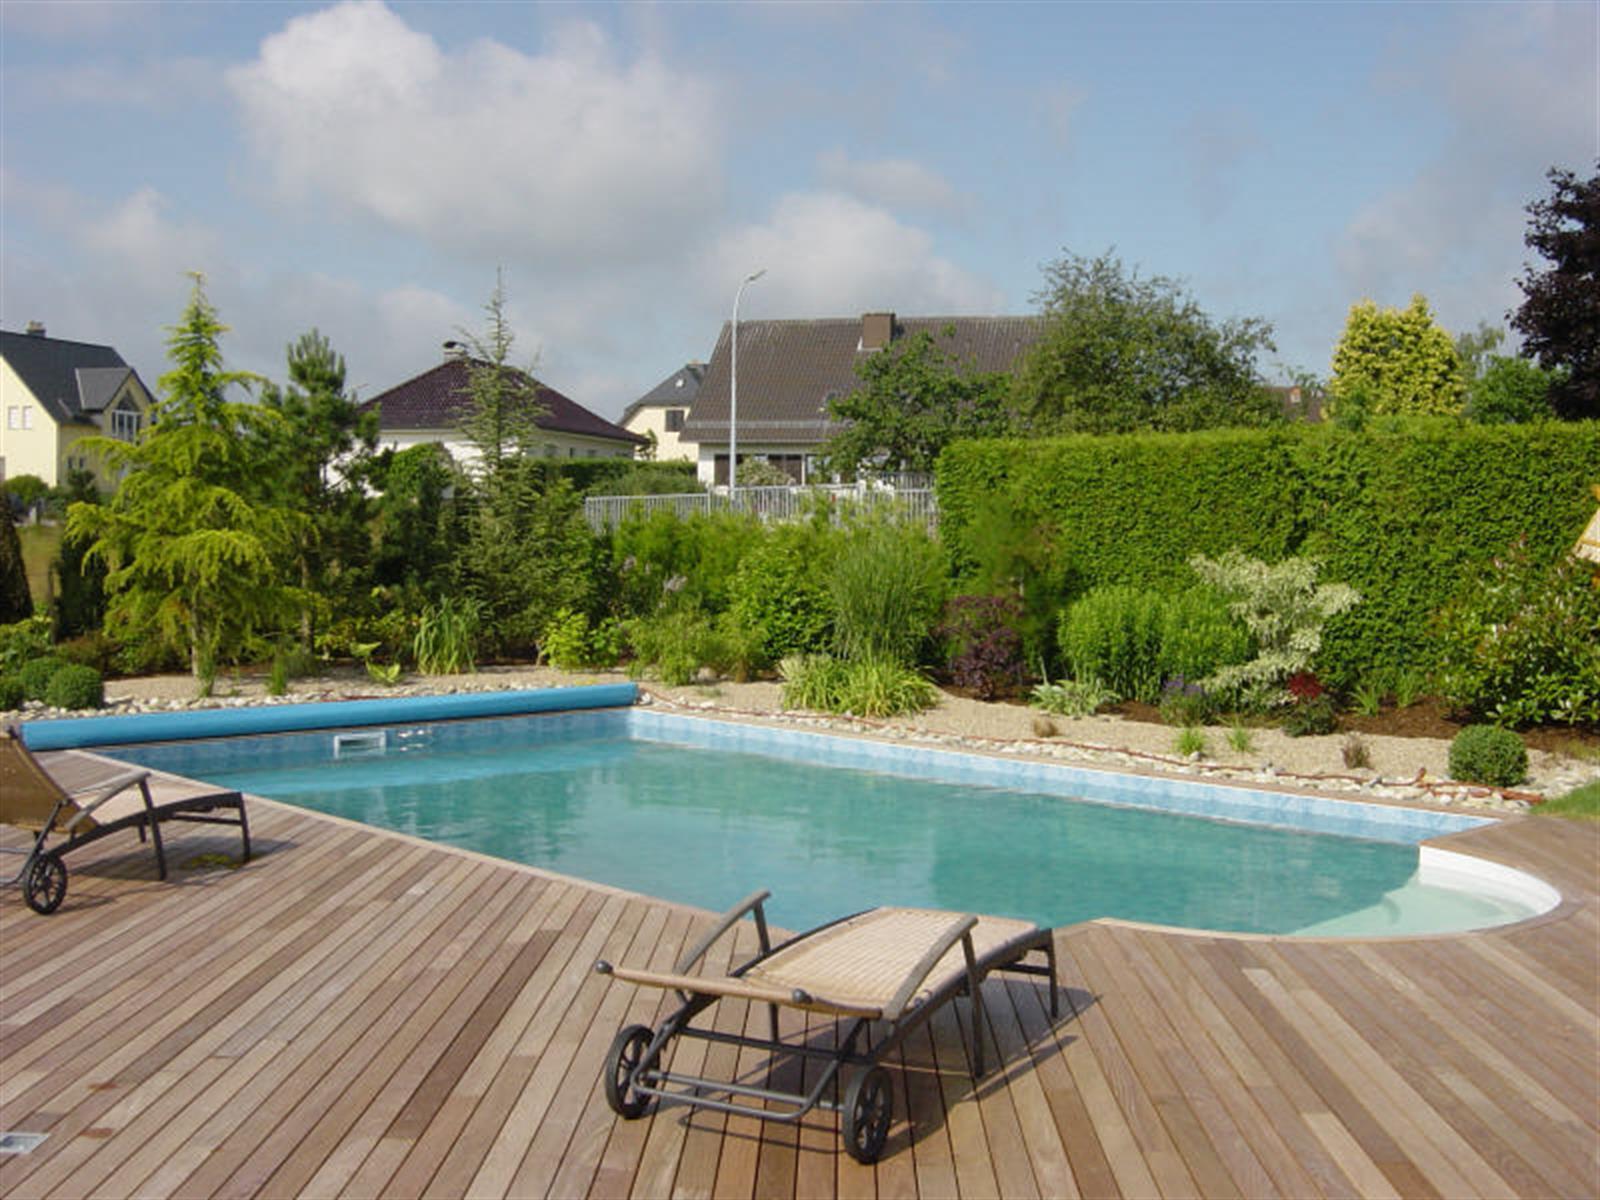 Jardins de luxembourg jardinier am nagement de jardin for Jardinier paysagiste luxembourg